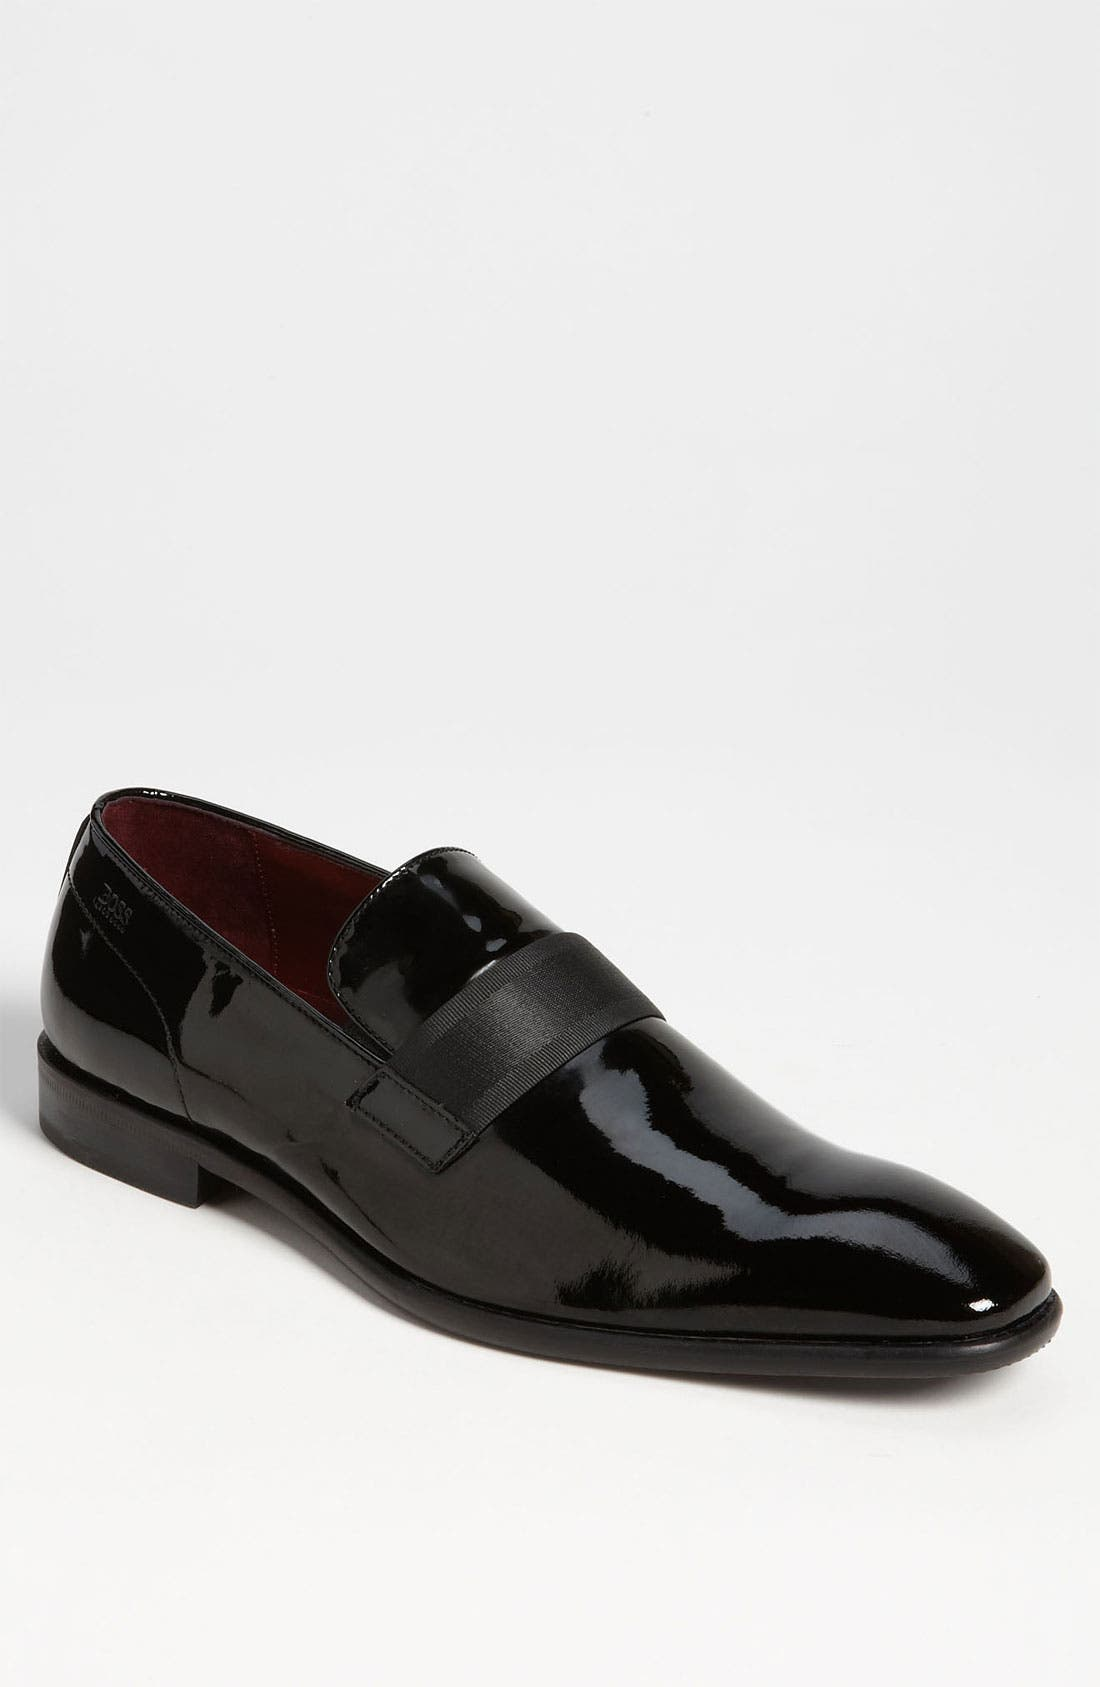 Main Image - BOSS 'Mellion' Patent Loafer (Men)